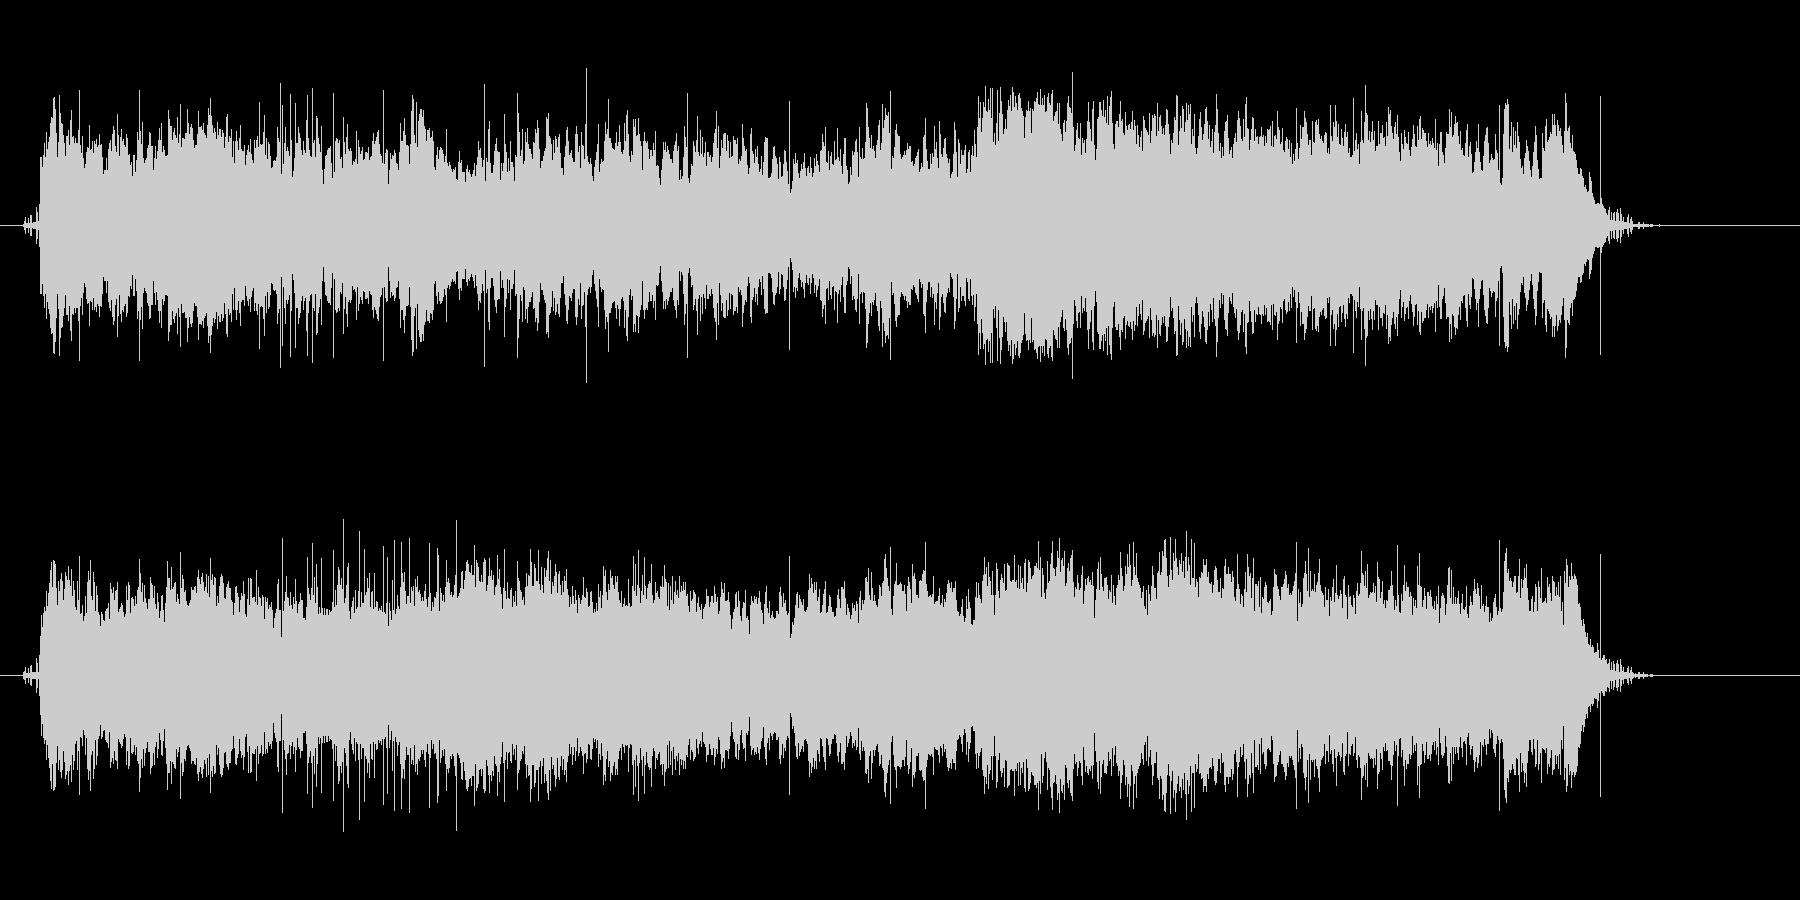 マカロニウェスタンの映画音楽の未再生の波形